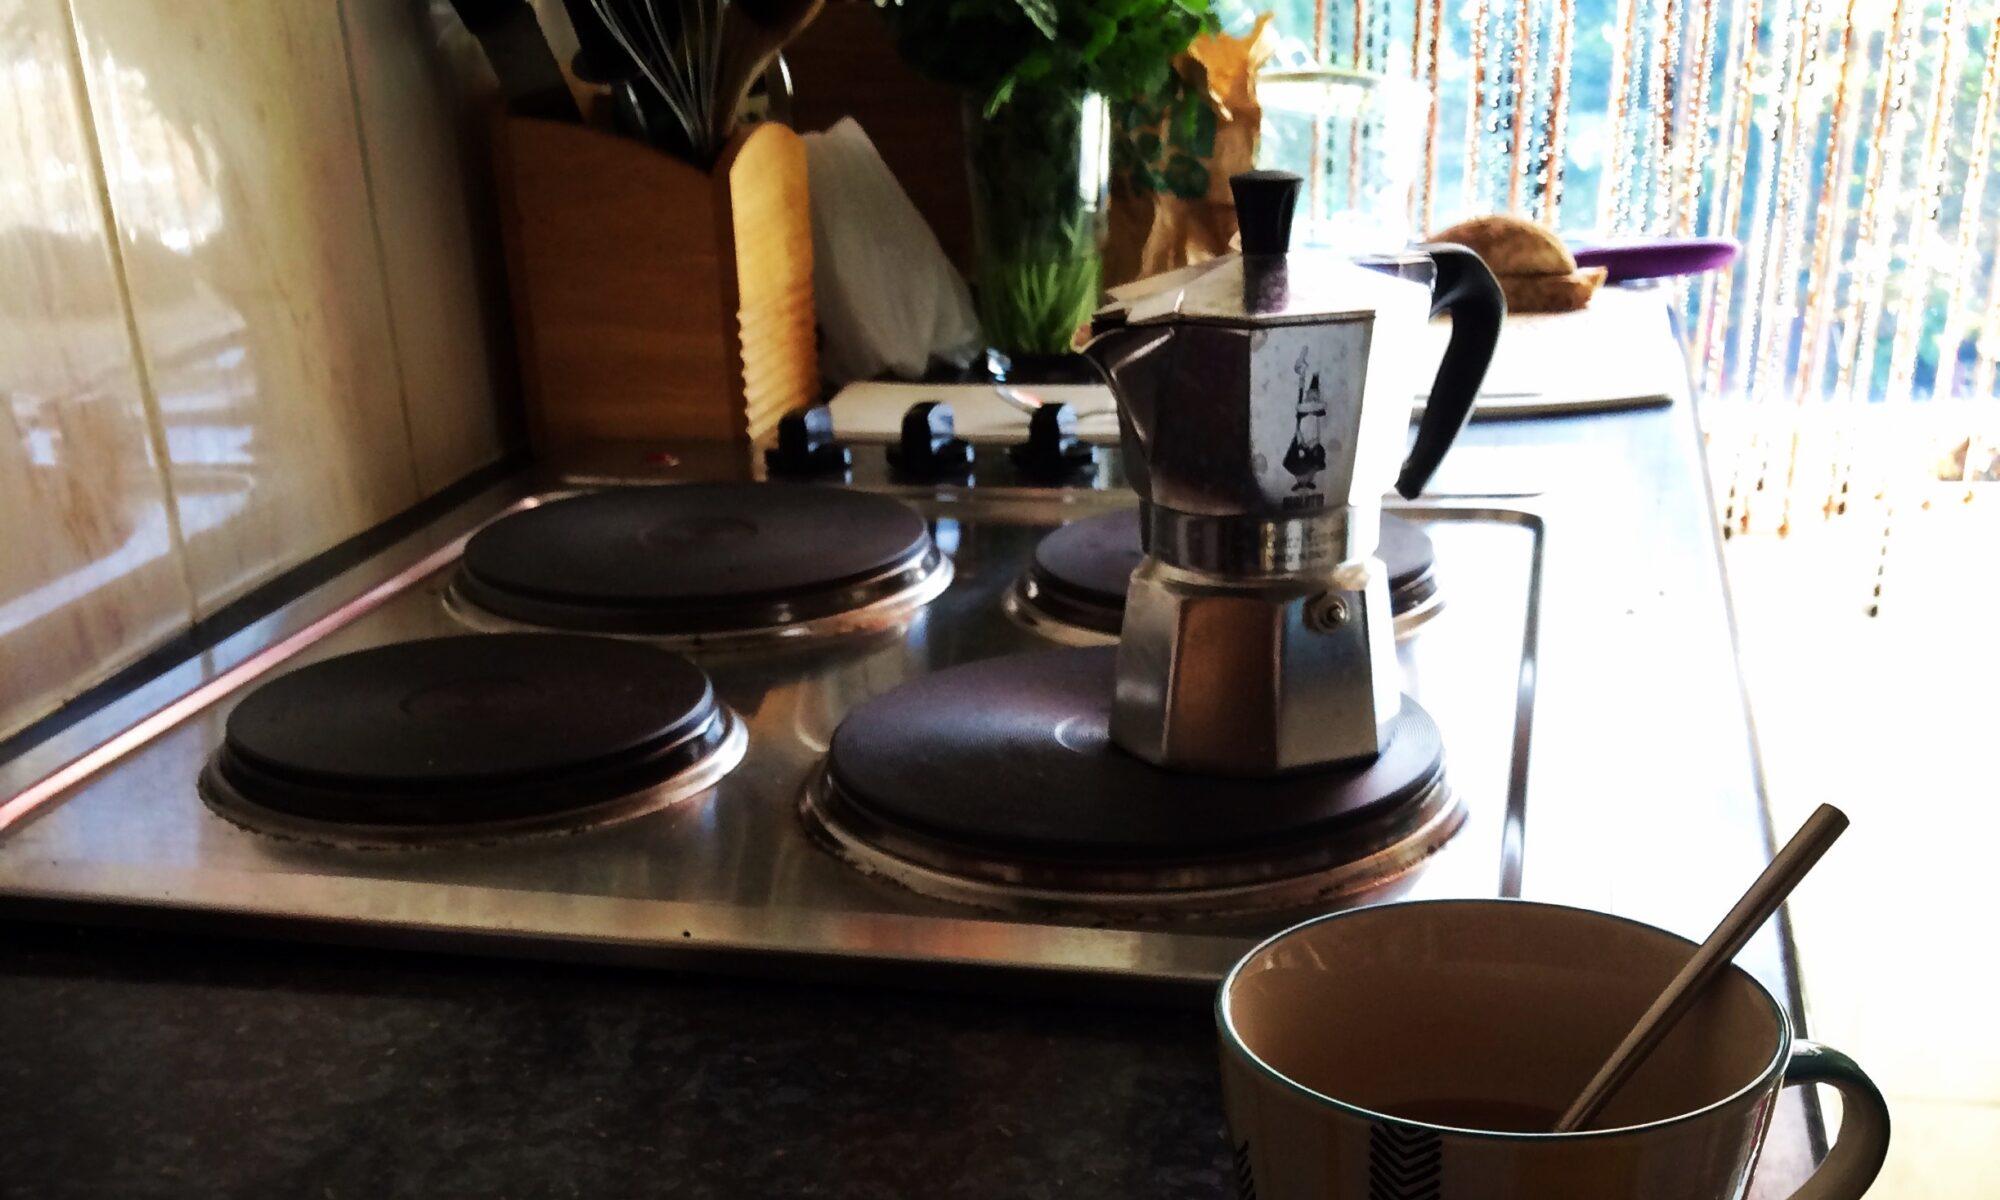 Herd mit einer italienischen Kaffeekanne